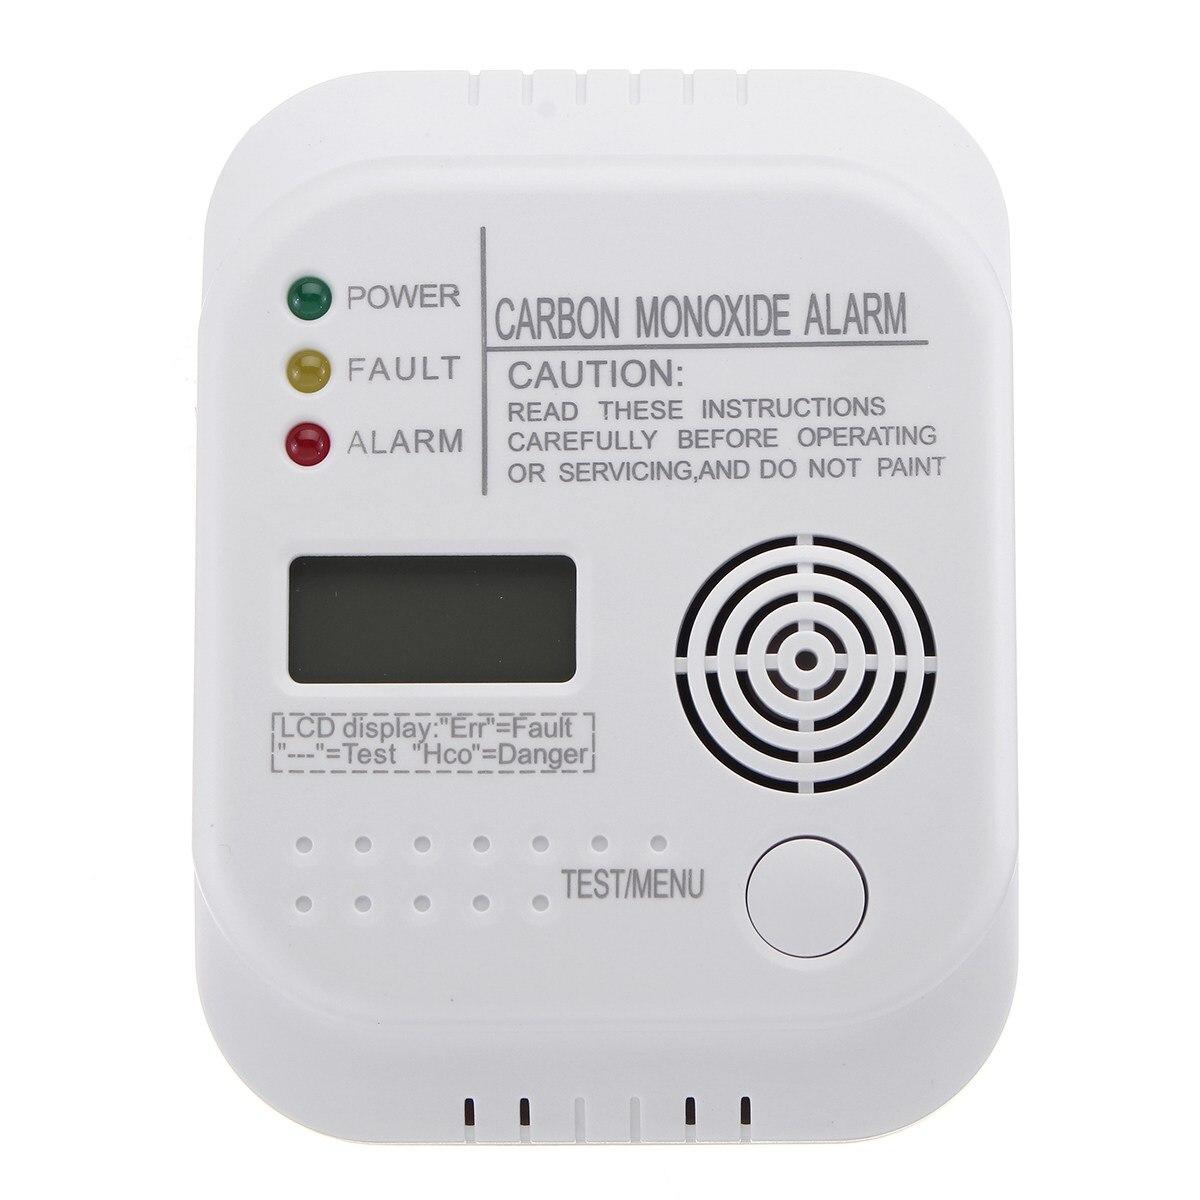 Safurance CO Carbon Monoxide Alarm Detector LCD Digital Home Security Indepedent Sensor Safety safurance co carbon monoxide alarm detector lcd digital home security indepedent sensor safety